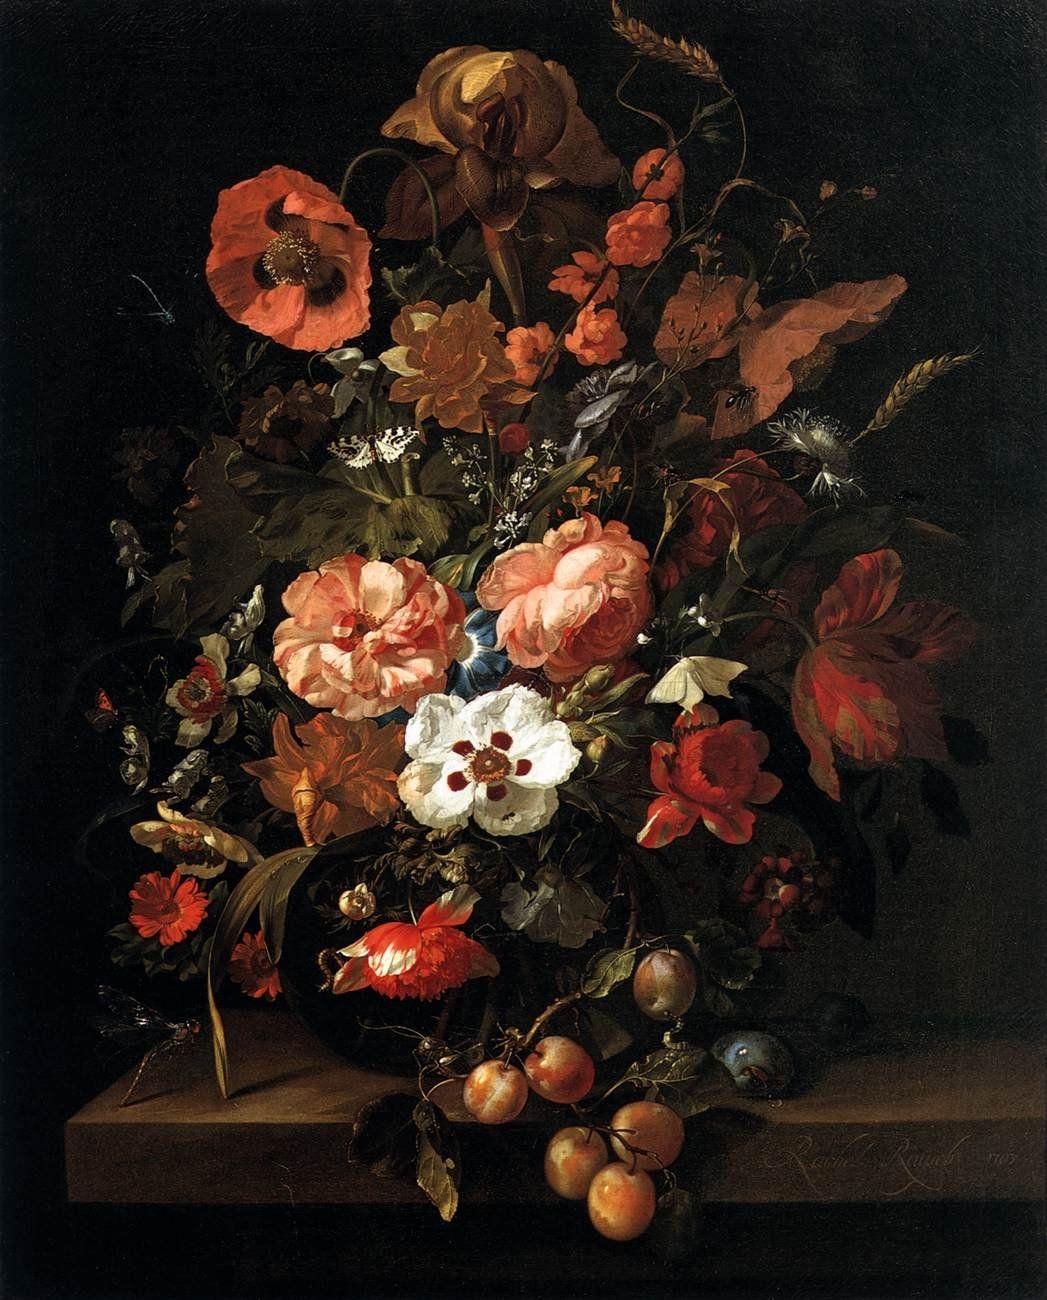 hollandsk stilleben er en fantastisk inspirationskilde, og jeg kunne godt tænke mig at udvide på det. evt med et stort flower-headdress.